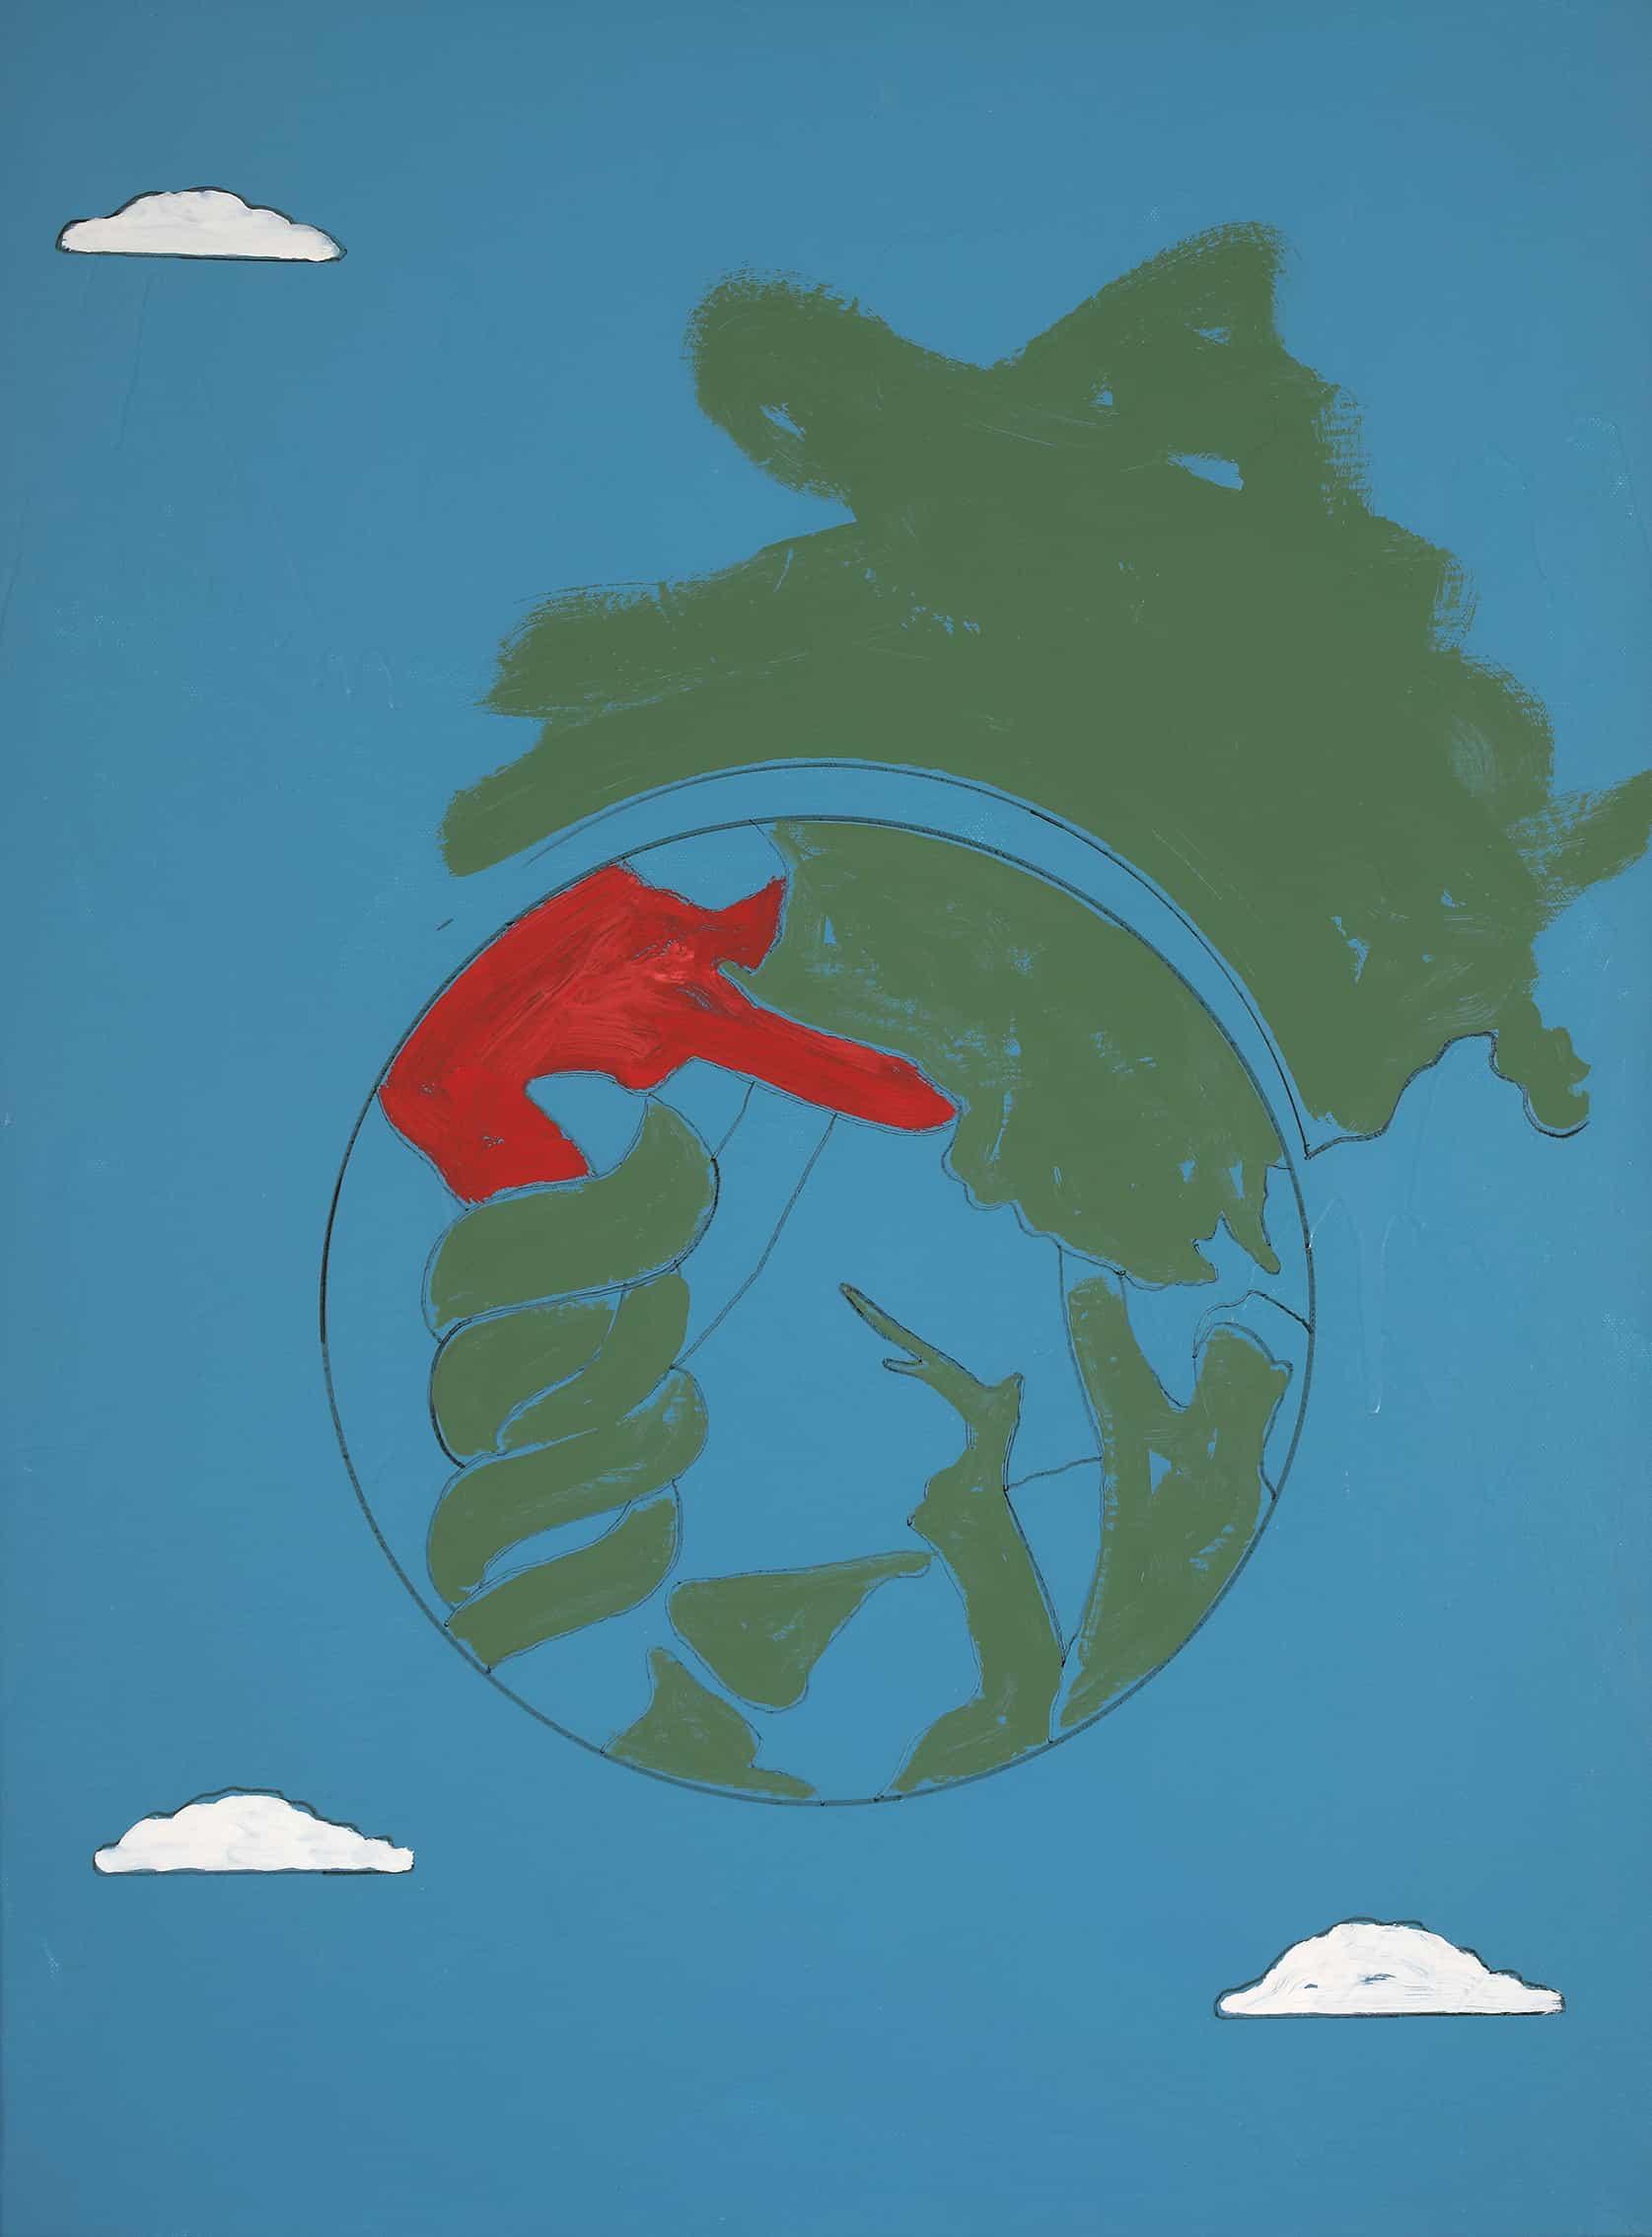 Tano Festa - Senza titolo, 1972 - Samlto e acrilico su tela, cm 80,5x60